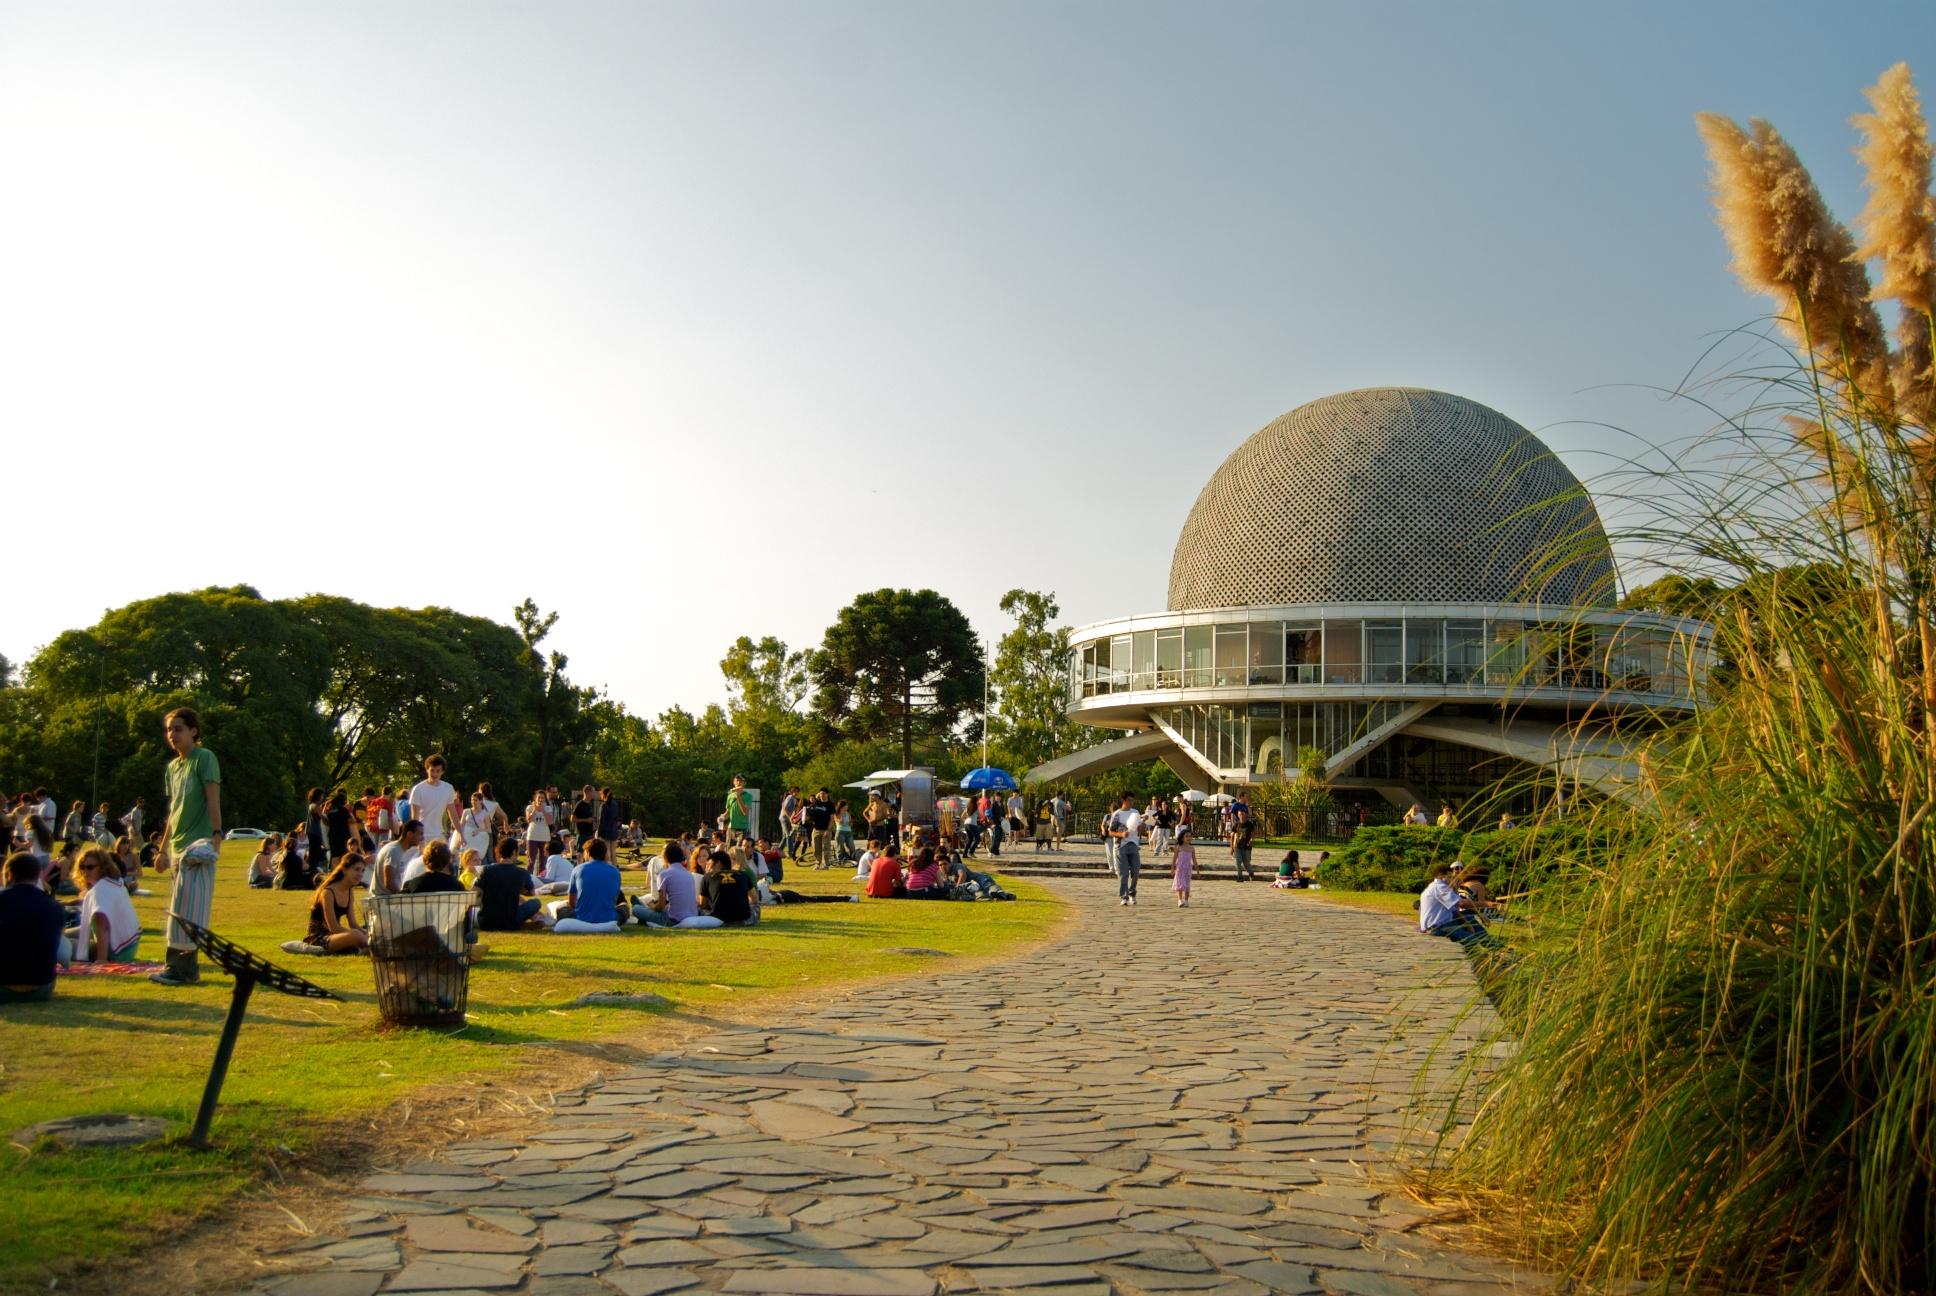 Galileo Galilei Planetarium | © Beatrice Murch/WikiCommons